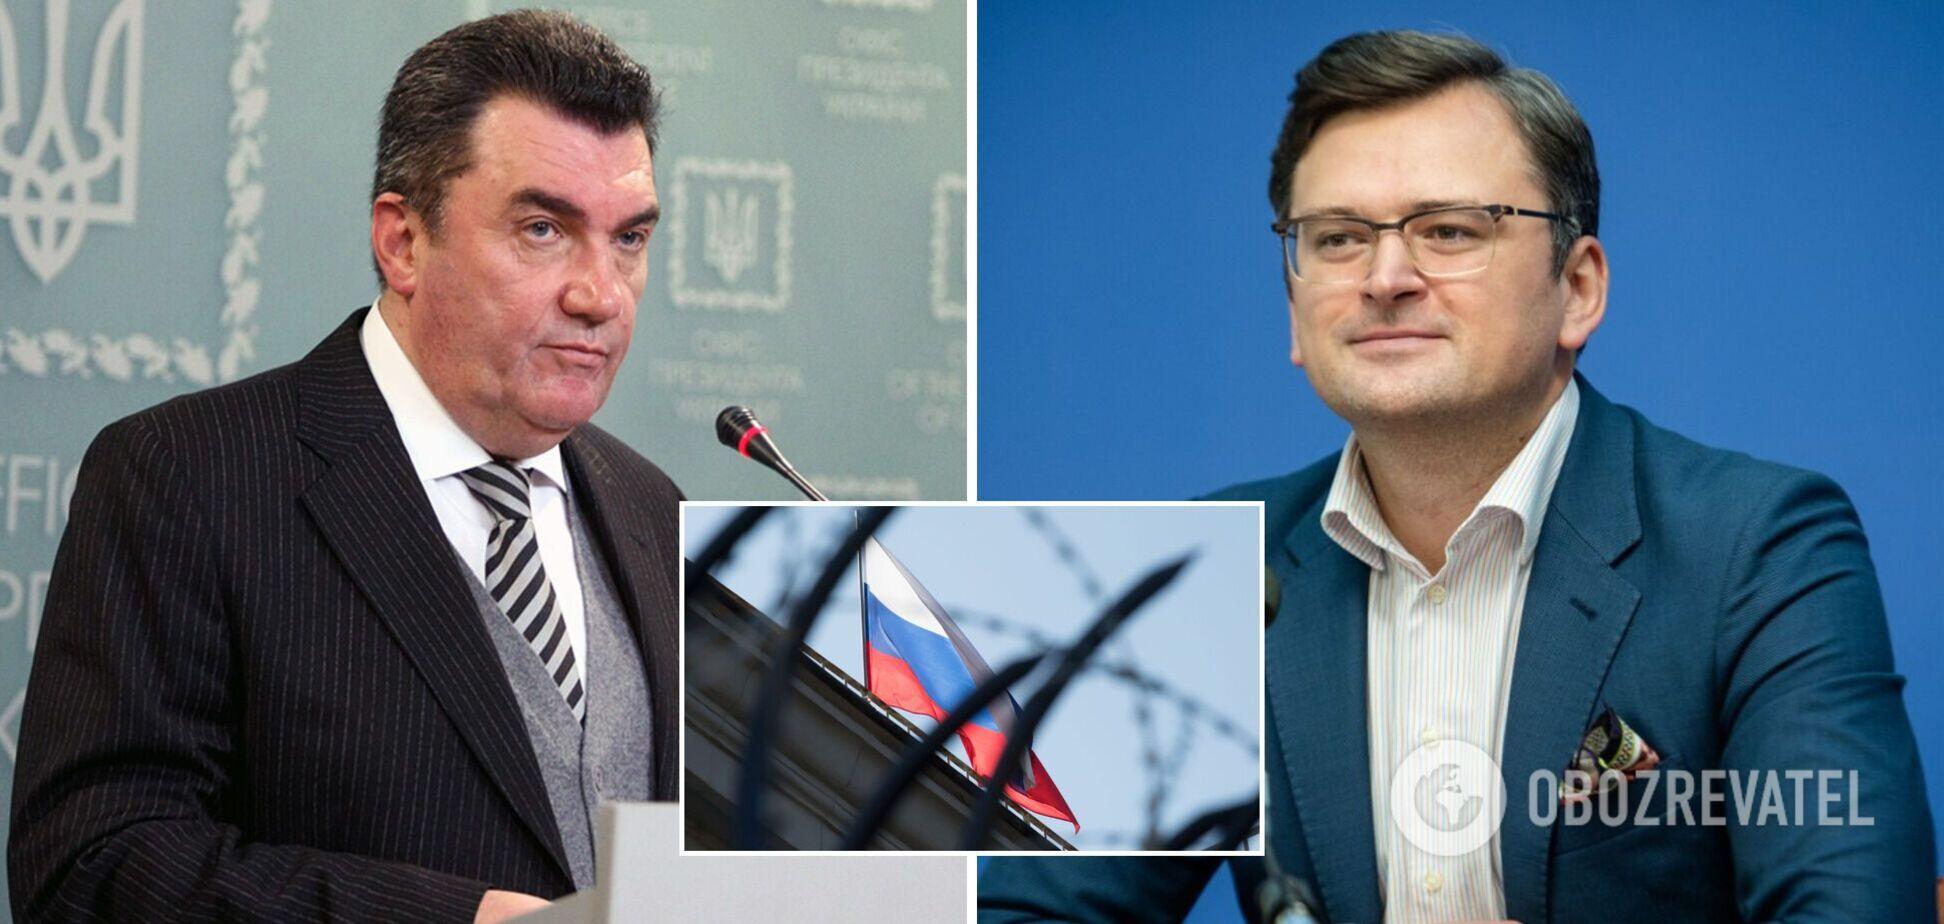 Данілов і Кулеба відреагували на санкції Росії